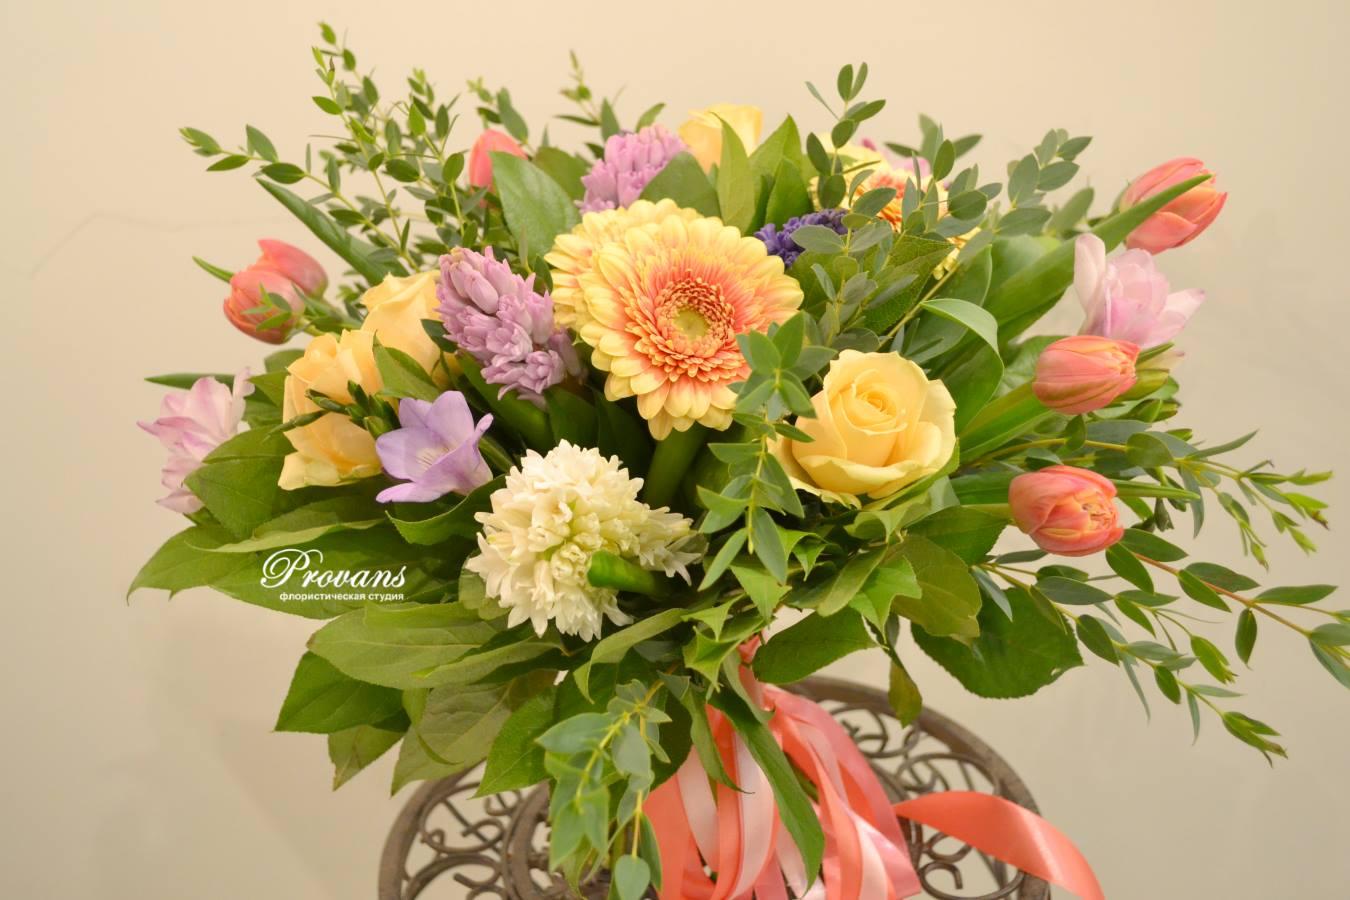 Букет 8 марта. Цветы: гербера, фрезия, розы, тюльпаны, гиацинт